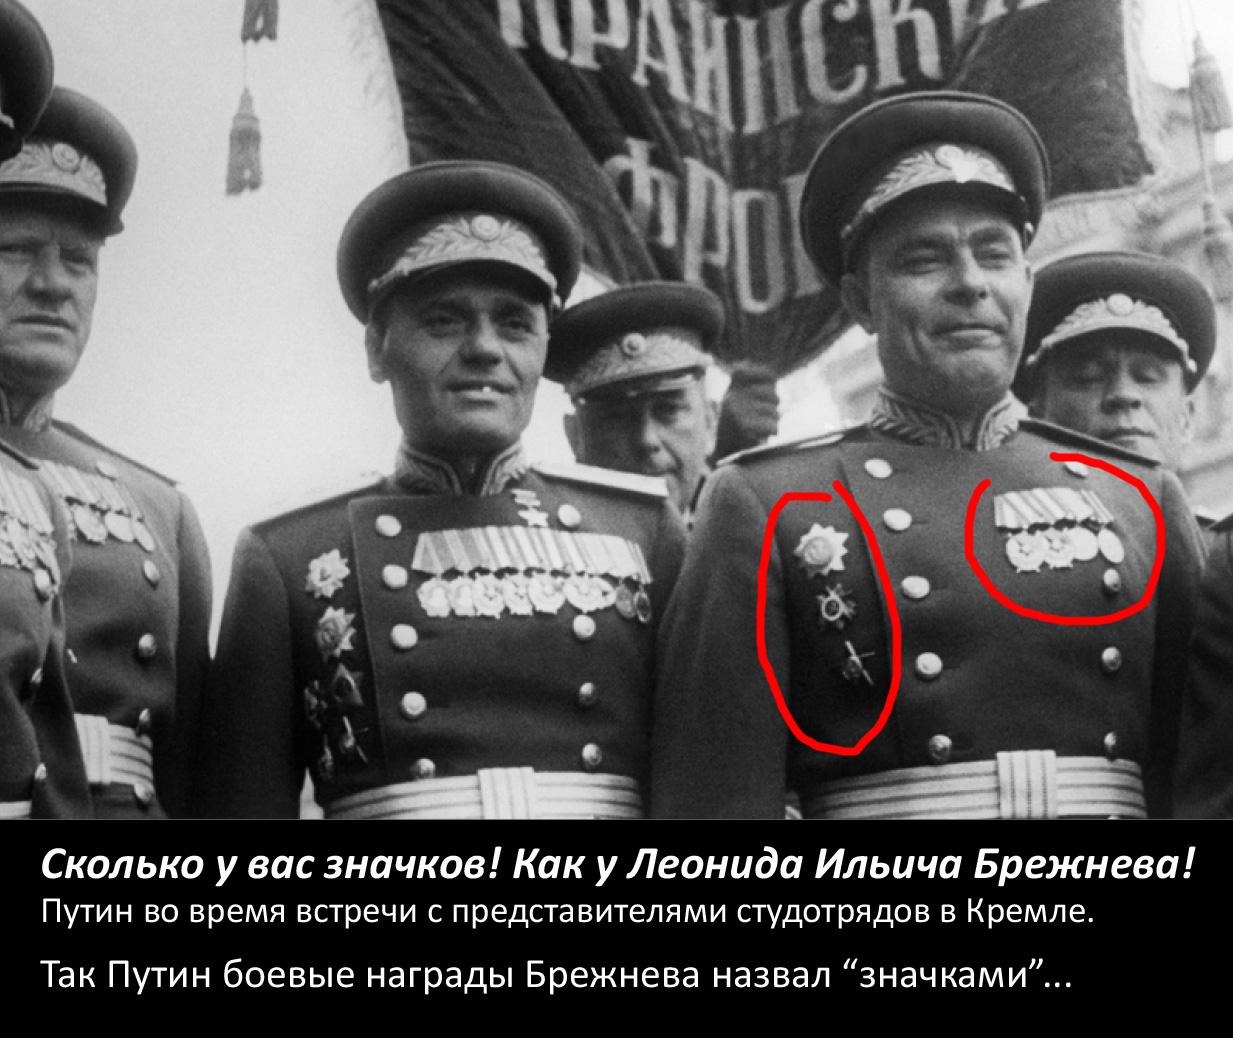 Зачем Владимир Путин глумится над Брежневым?